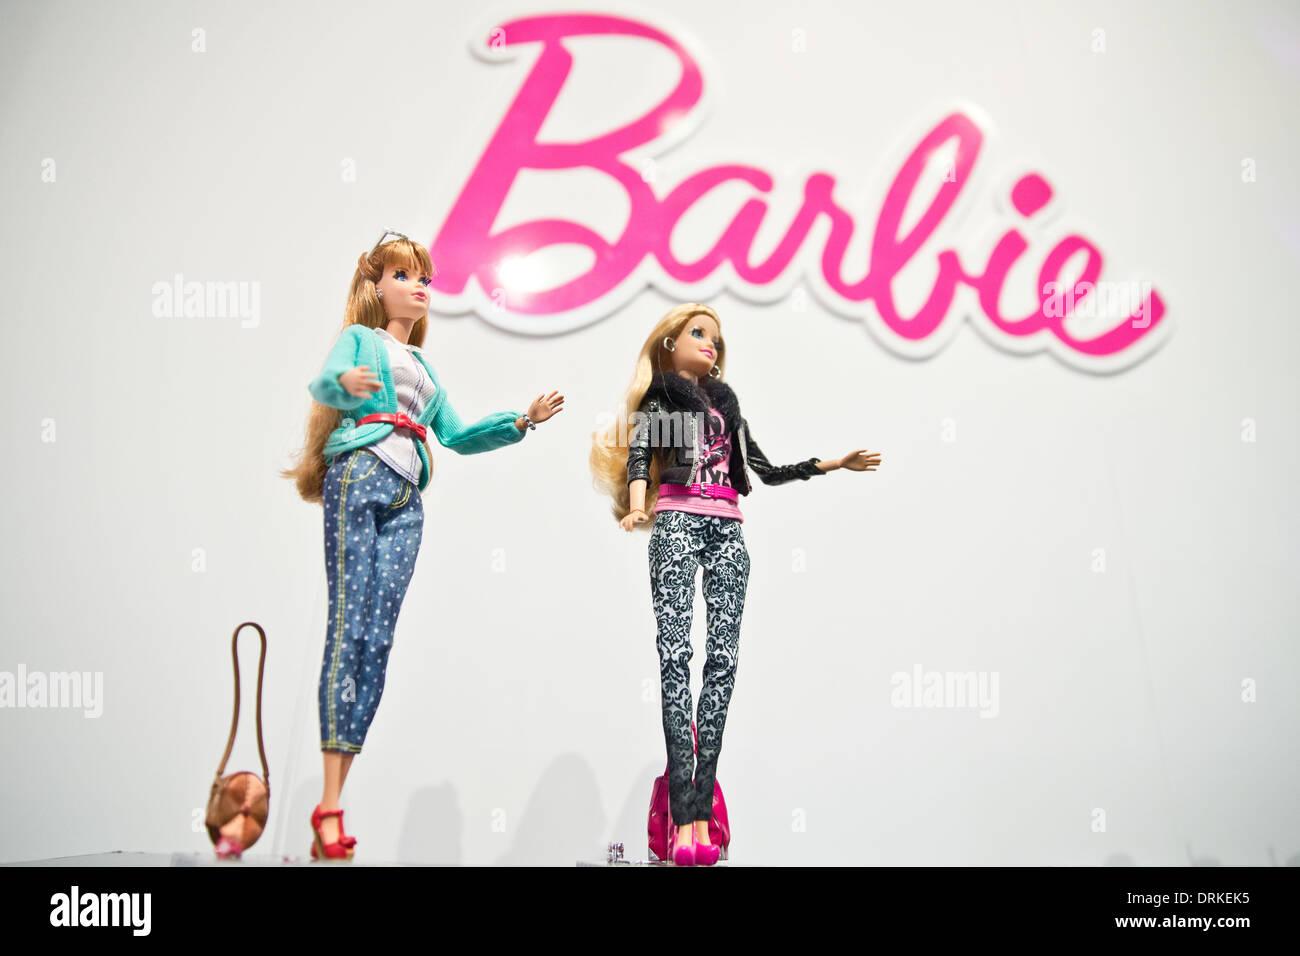 Nuremberg, Allemagne. 28 janvier, 2014. La nouvelle Barbie Fashionista de luxe est photographié pendant les nouveautés montrer à la 65e Foire Internationale du Jouet à Nuremberg, Allemagne, 28 janvier 2014. Photo: Daniel Karmann/dpa/Alamy Live News Photo Stock